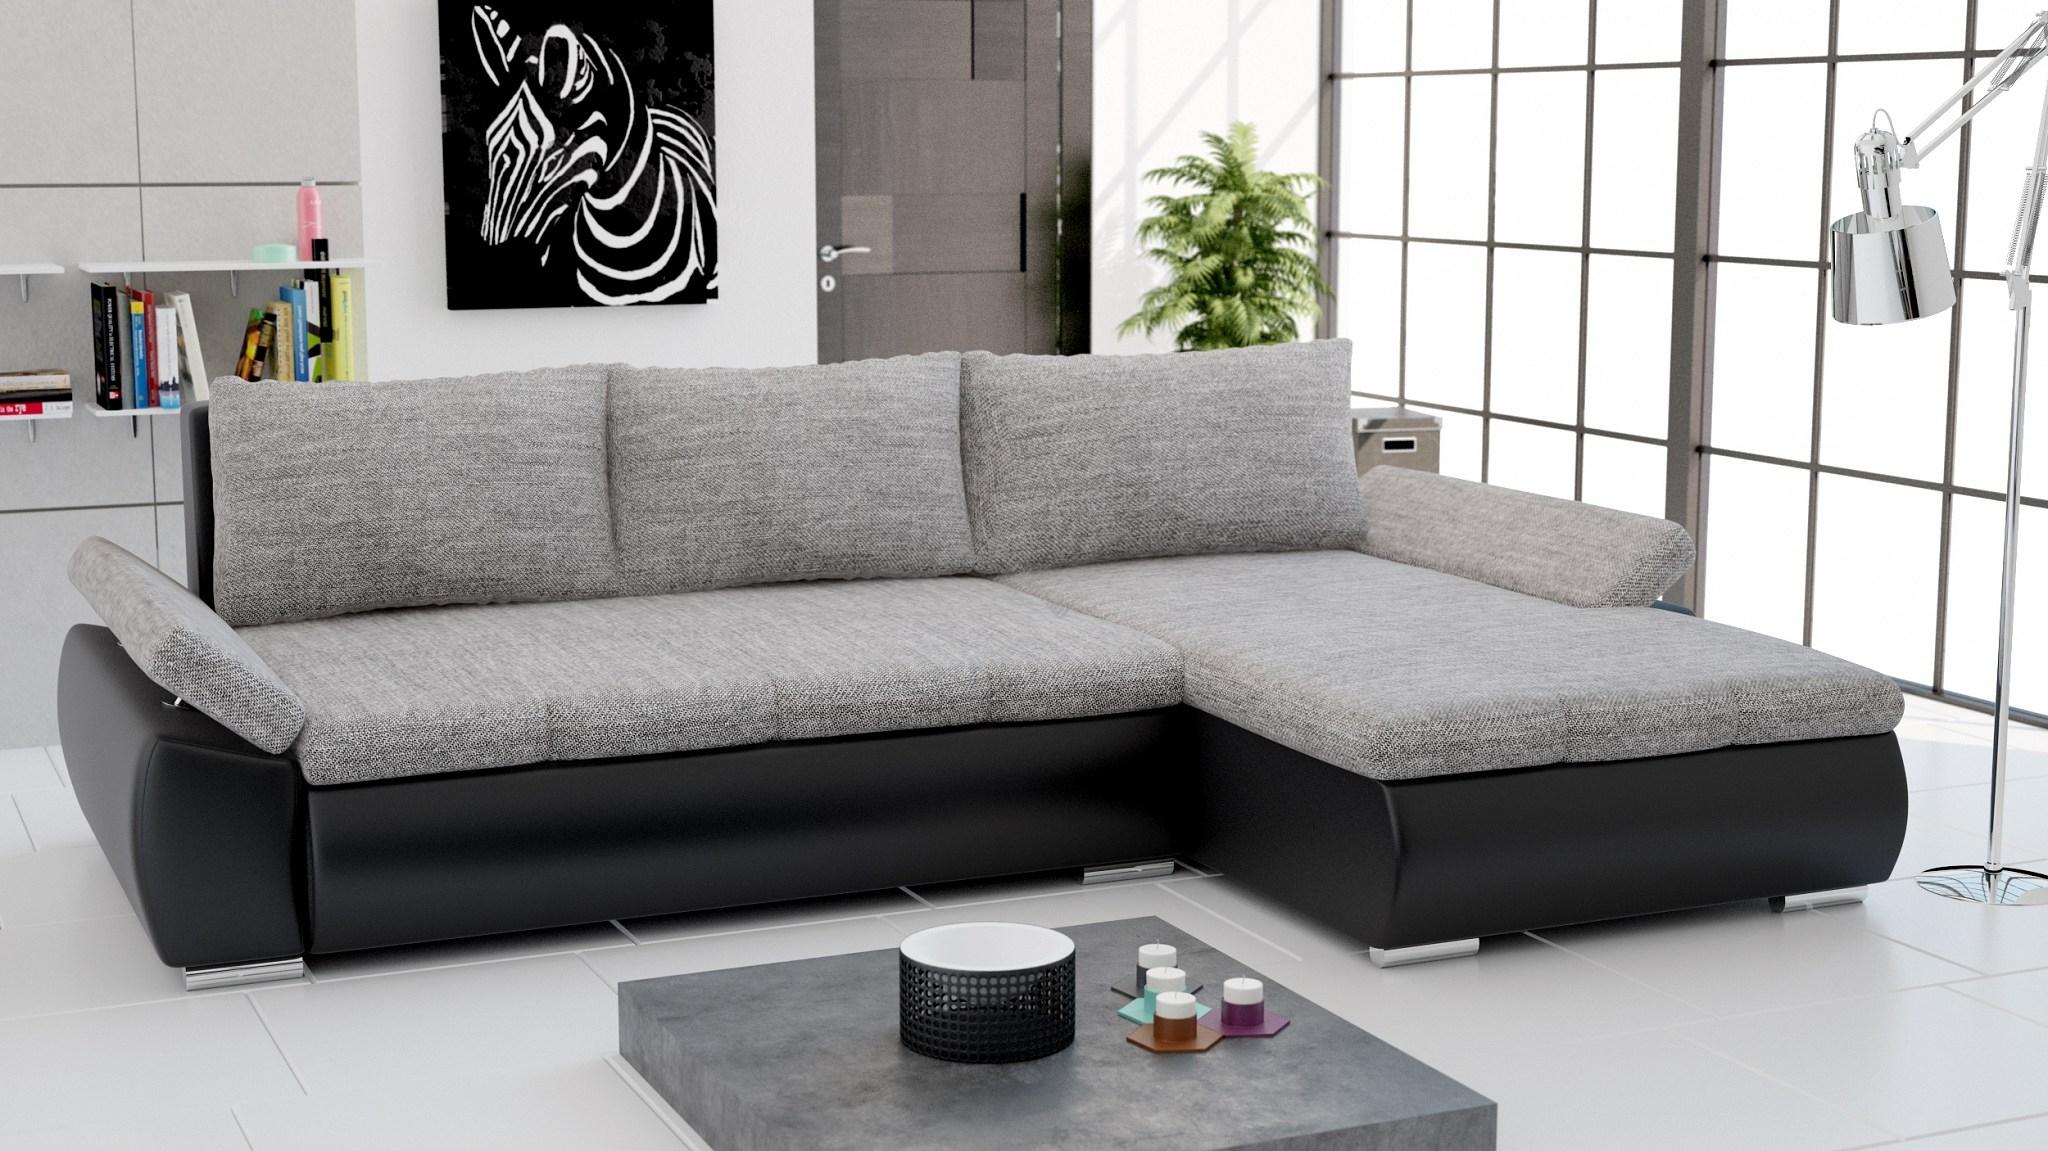 Full Size of Sofa Mit Lautsprecher Und Led Couch Big Musikboxen Poco Licht Bluetooth Eingebauten Lautsprechern Integriertem Boxen Integrierten Fenster Sprossen Wk Wohnzimmer Sofa Mit Musikboxen